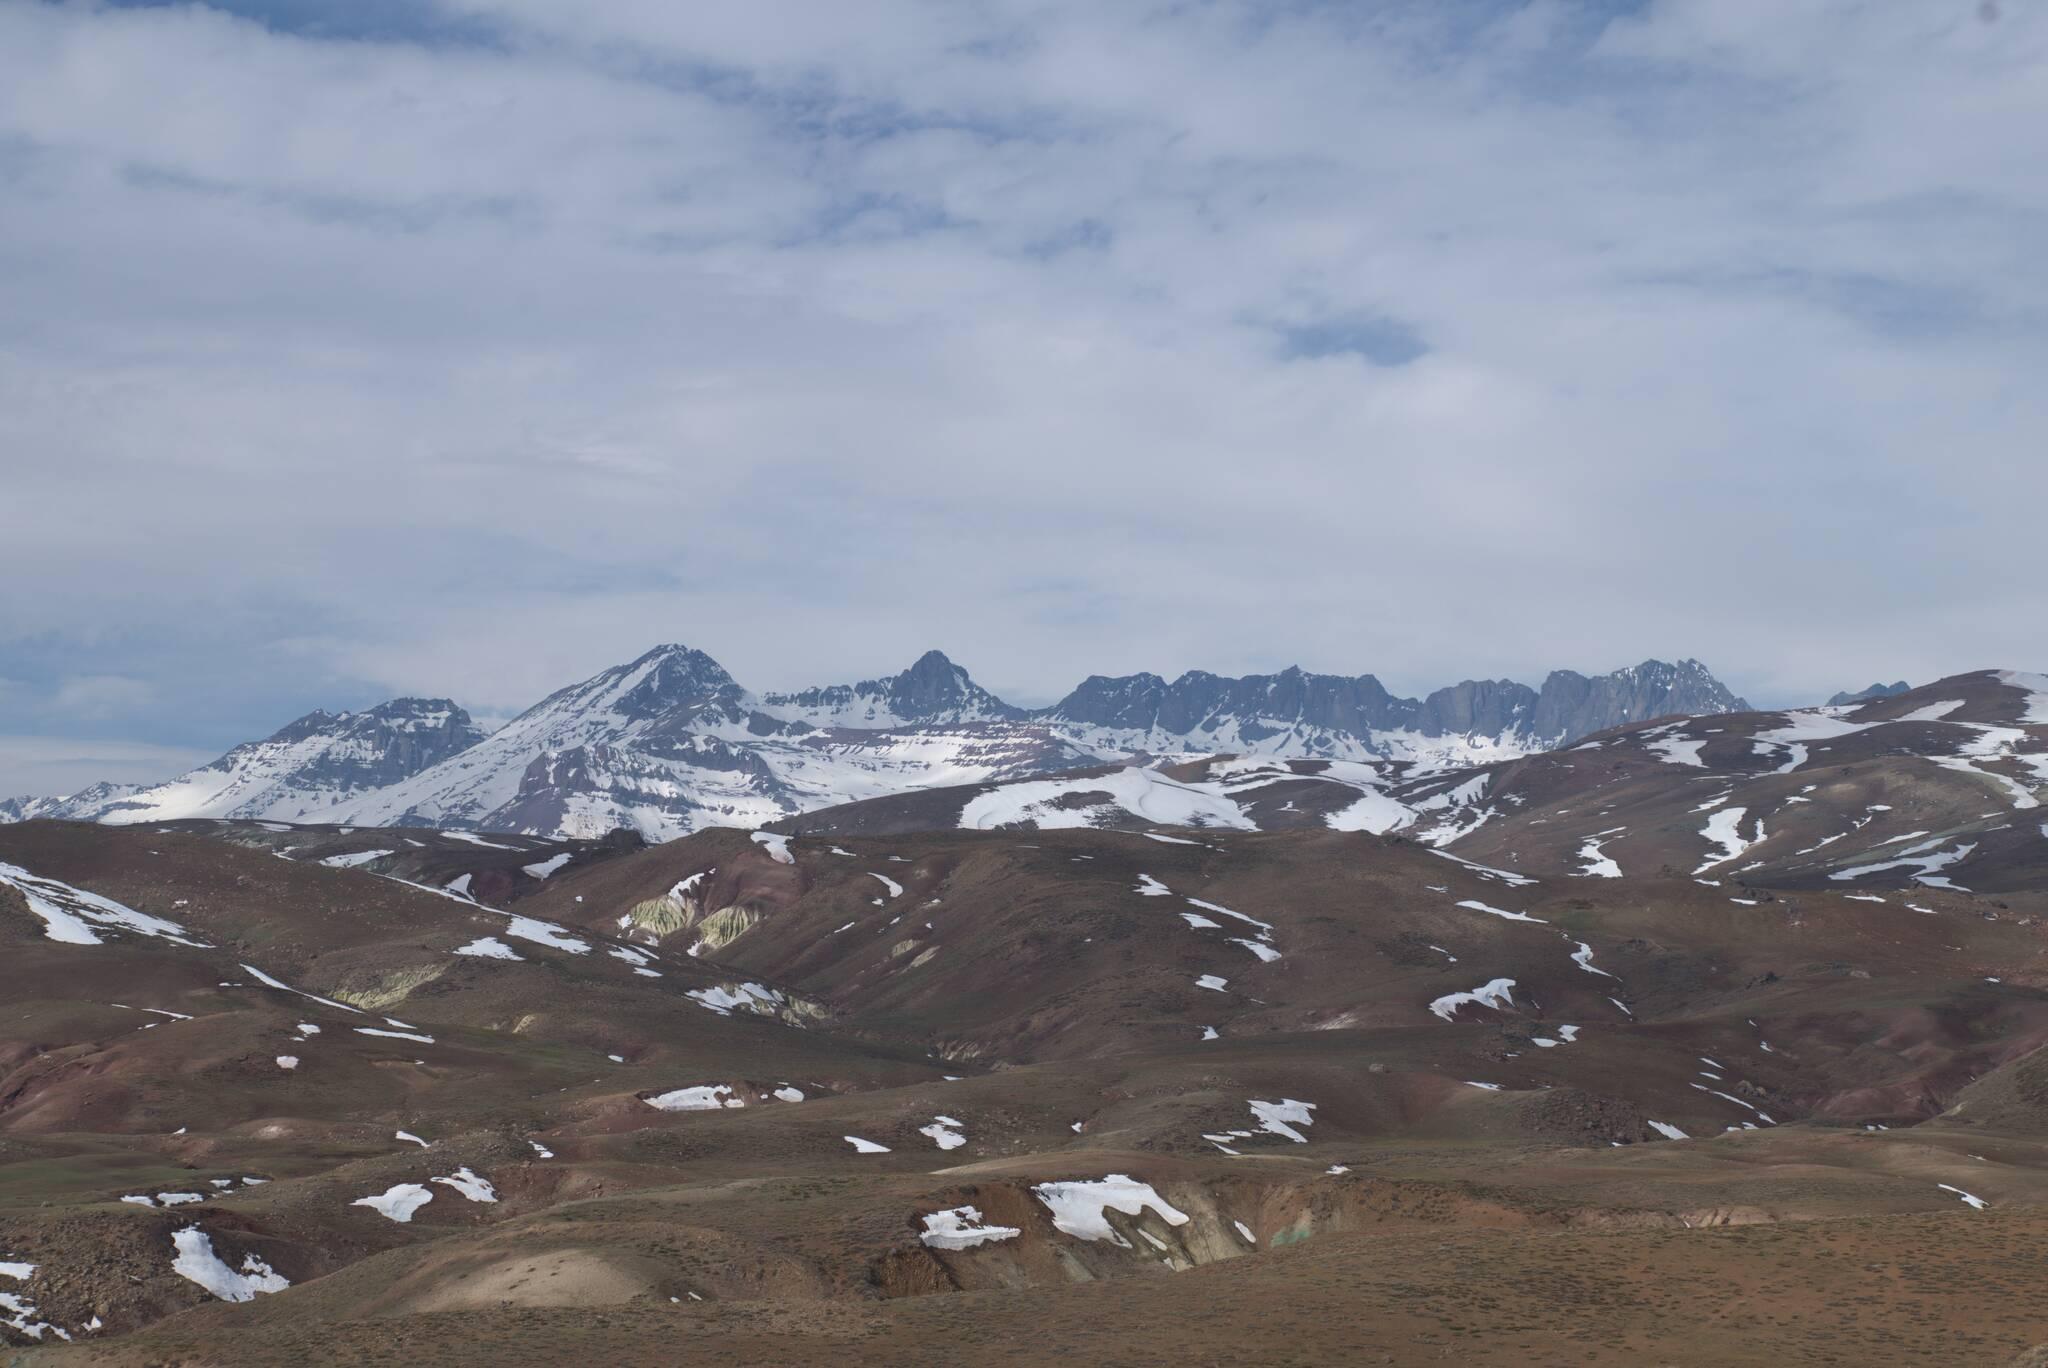 Za przełęczą jest znacznie więcej śniegu